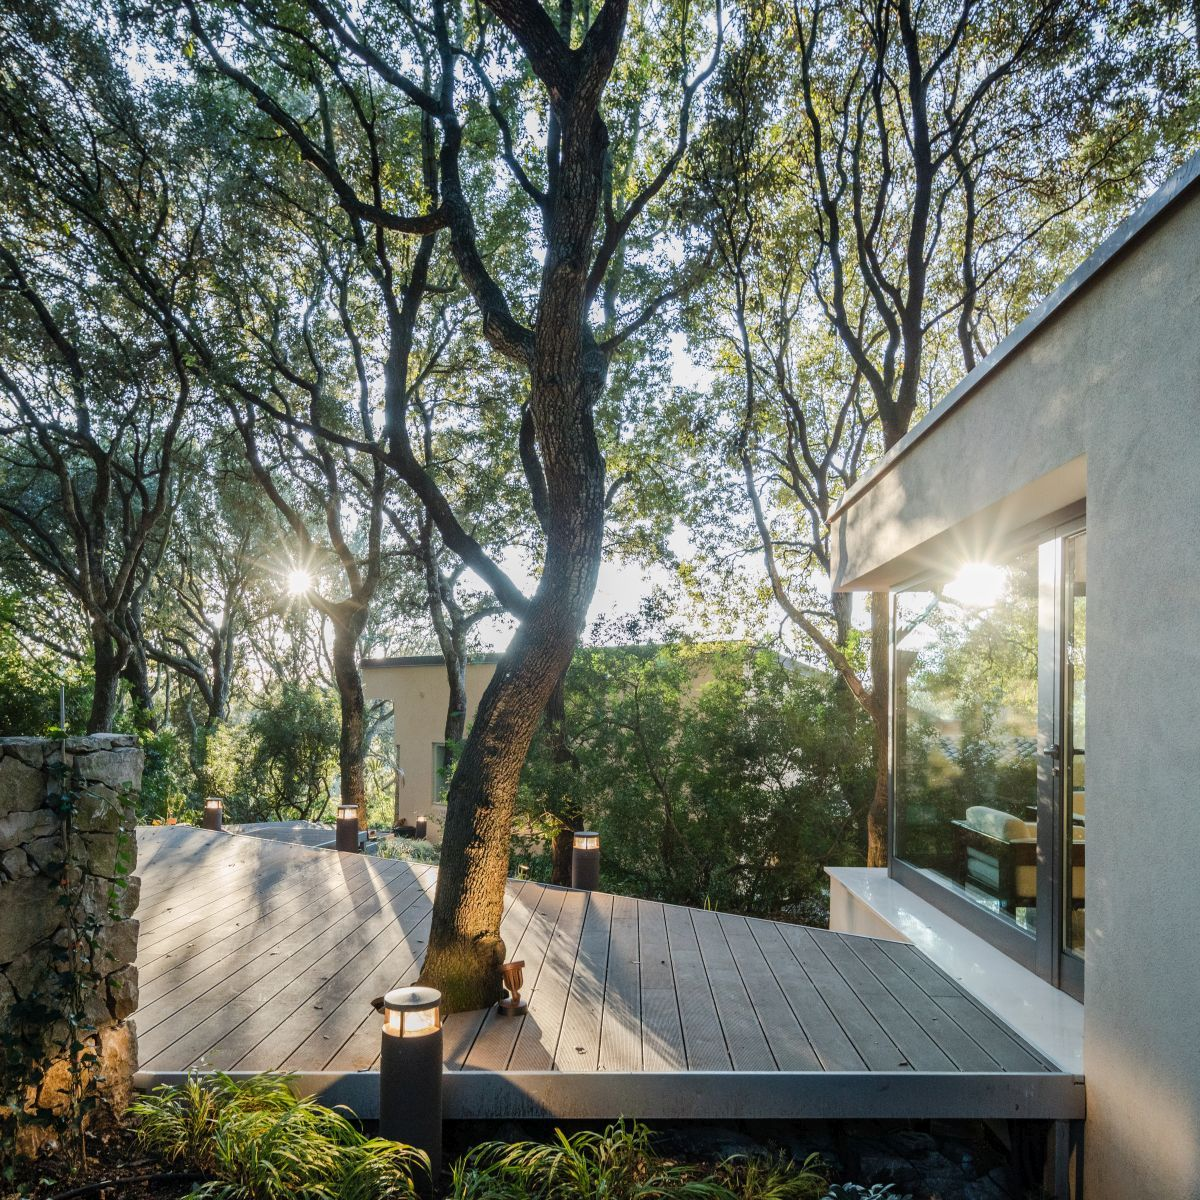 Casa nel Bosco trees growing through terrace